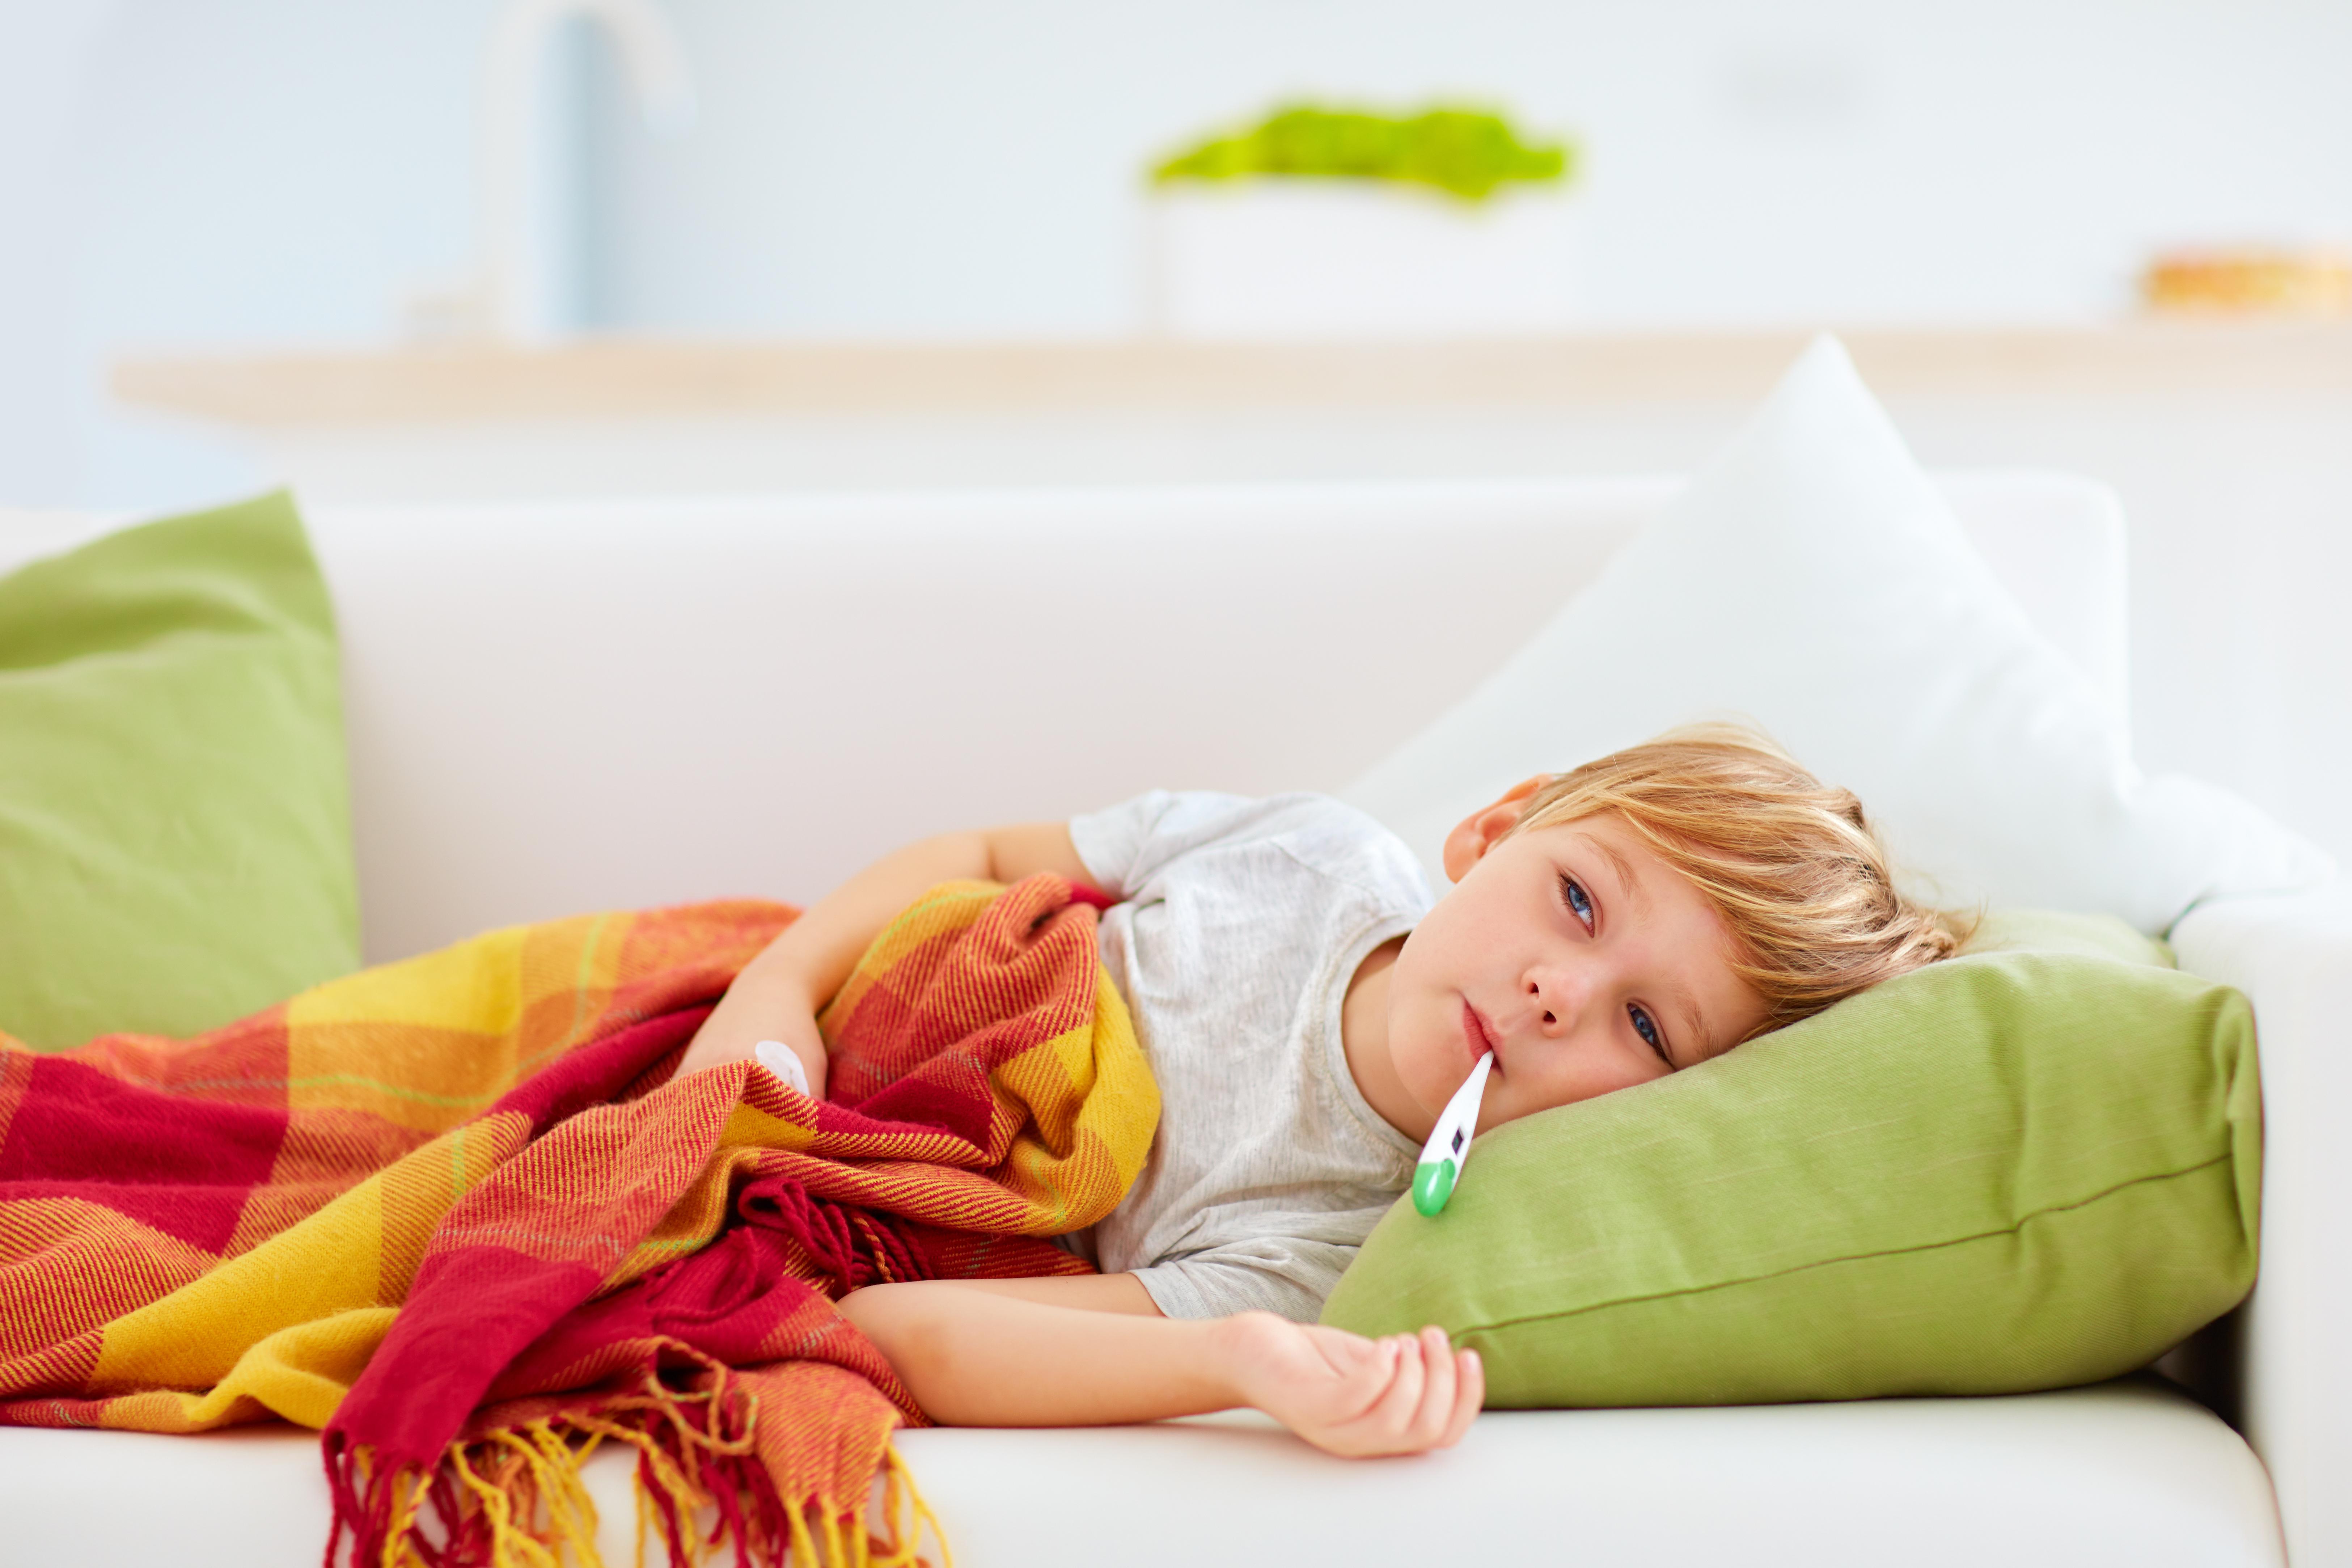 Ezért vidd szemészhez a gyereket évente, már kicsi korától! - Dívány